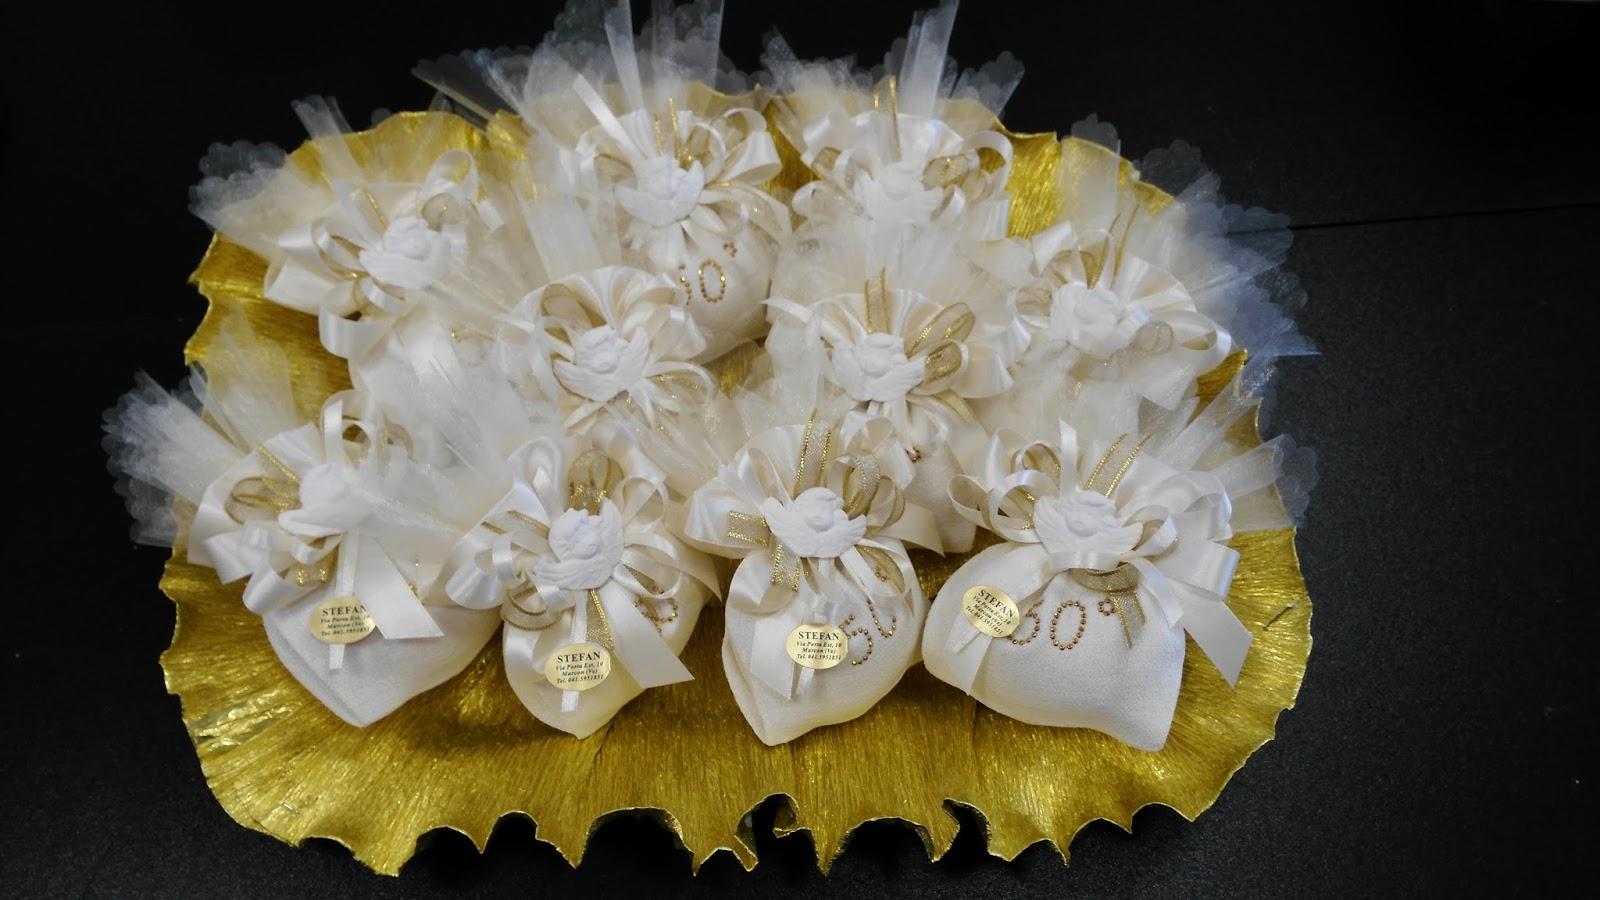 Amato bombonierestefan: Bomboniere Nozze d'oro per i 50 anni di Matrimonio PV76